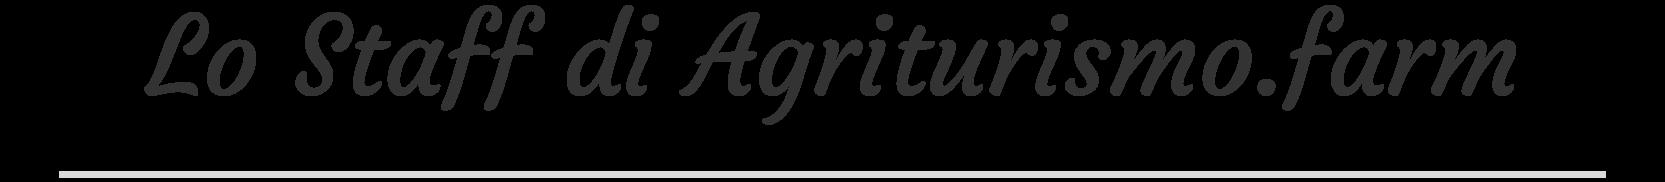 Lo Staff di Agriturismo.farm